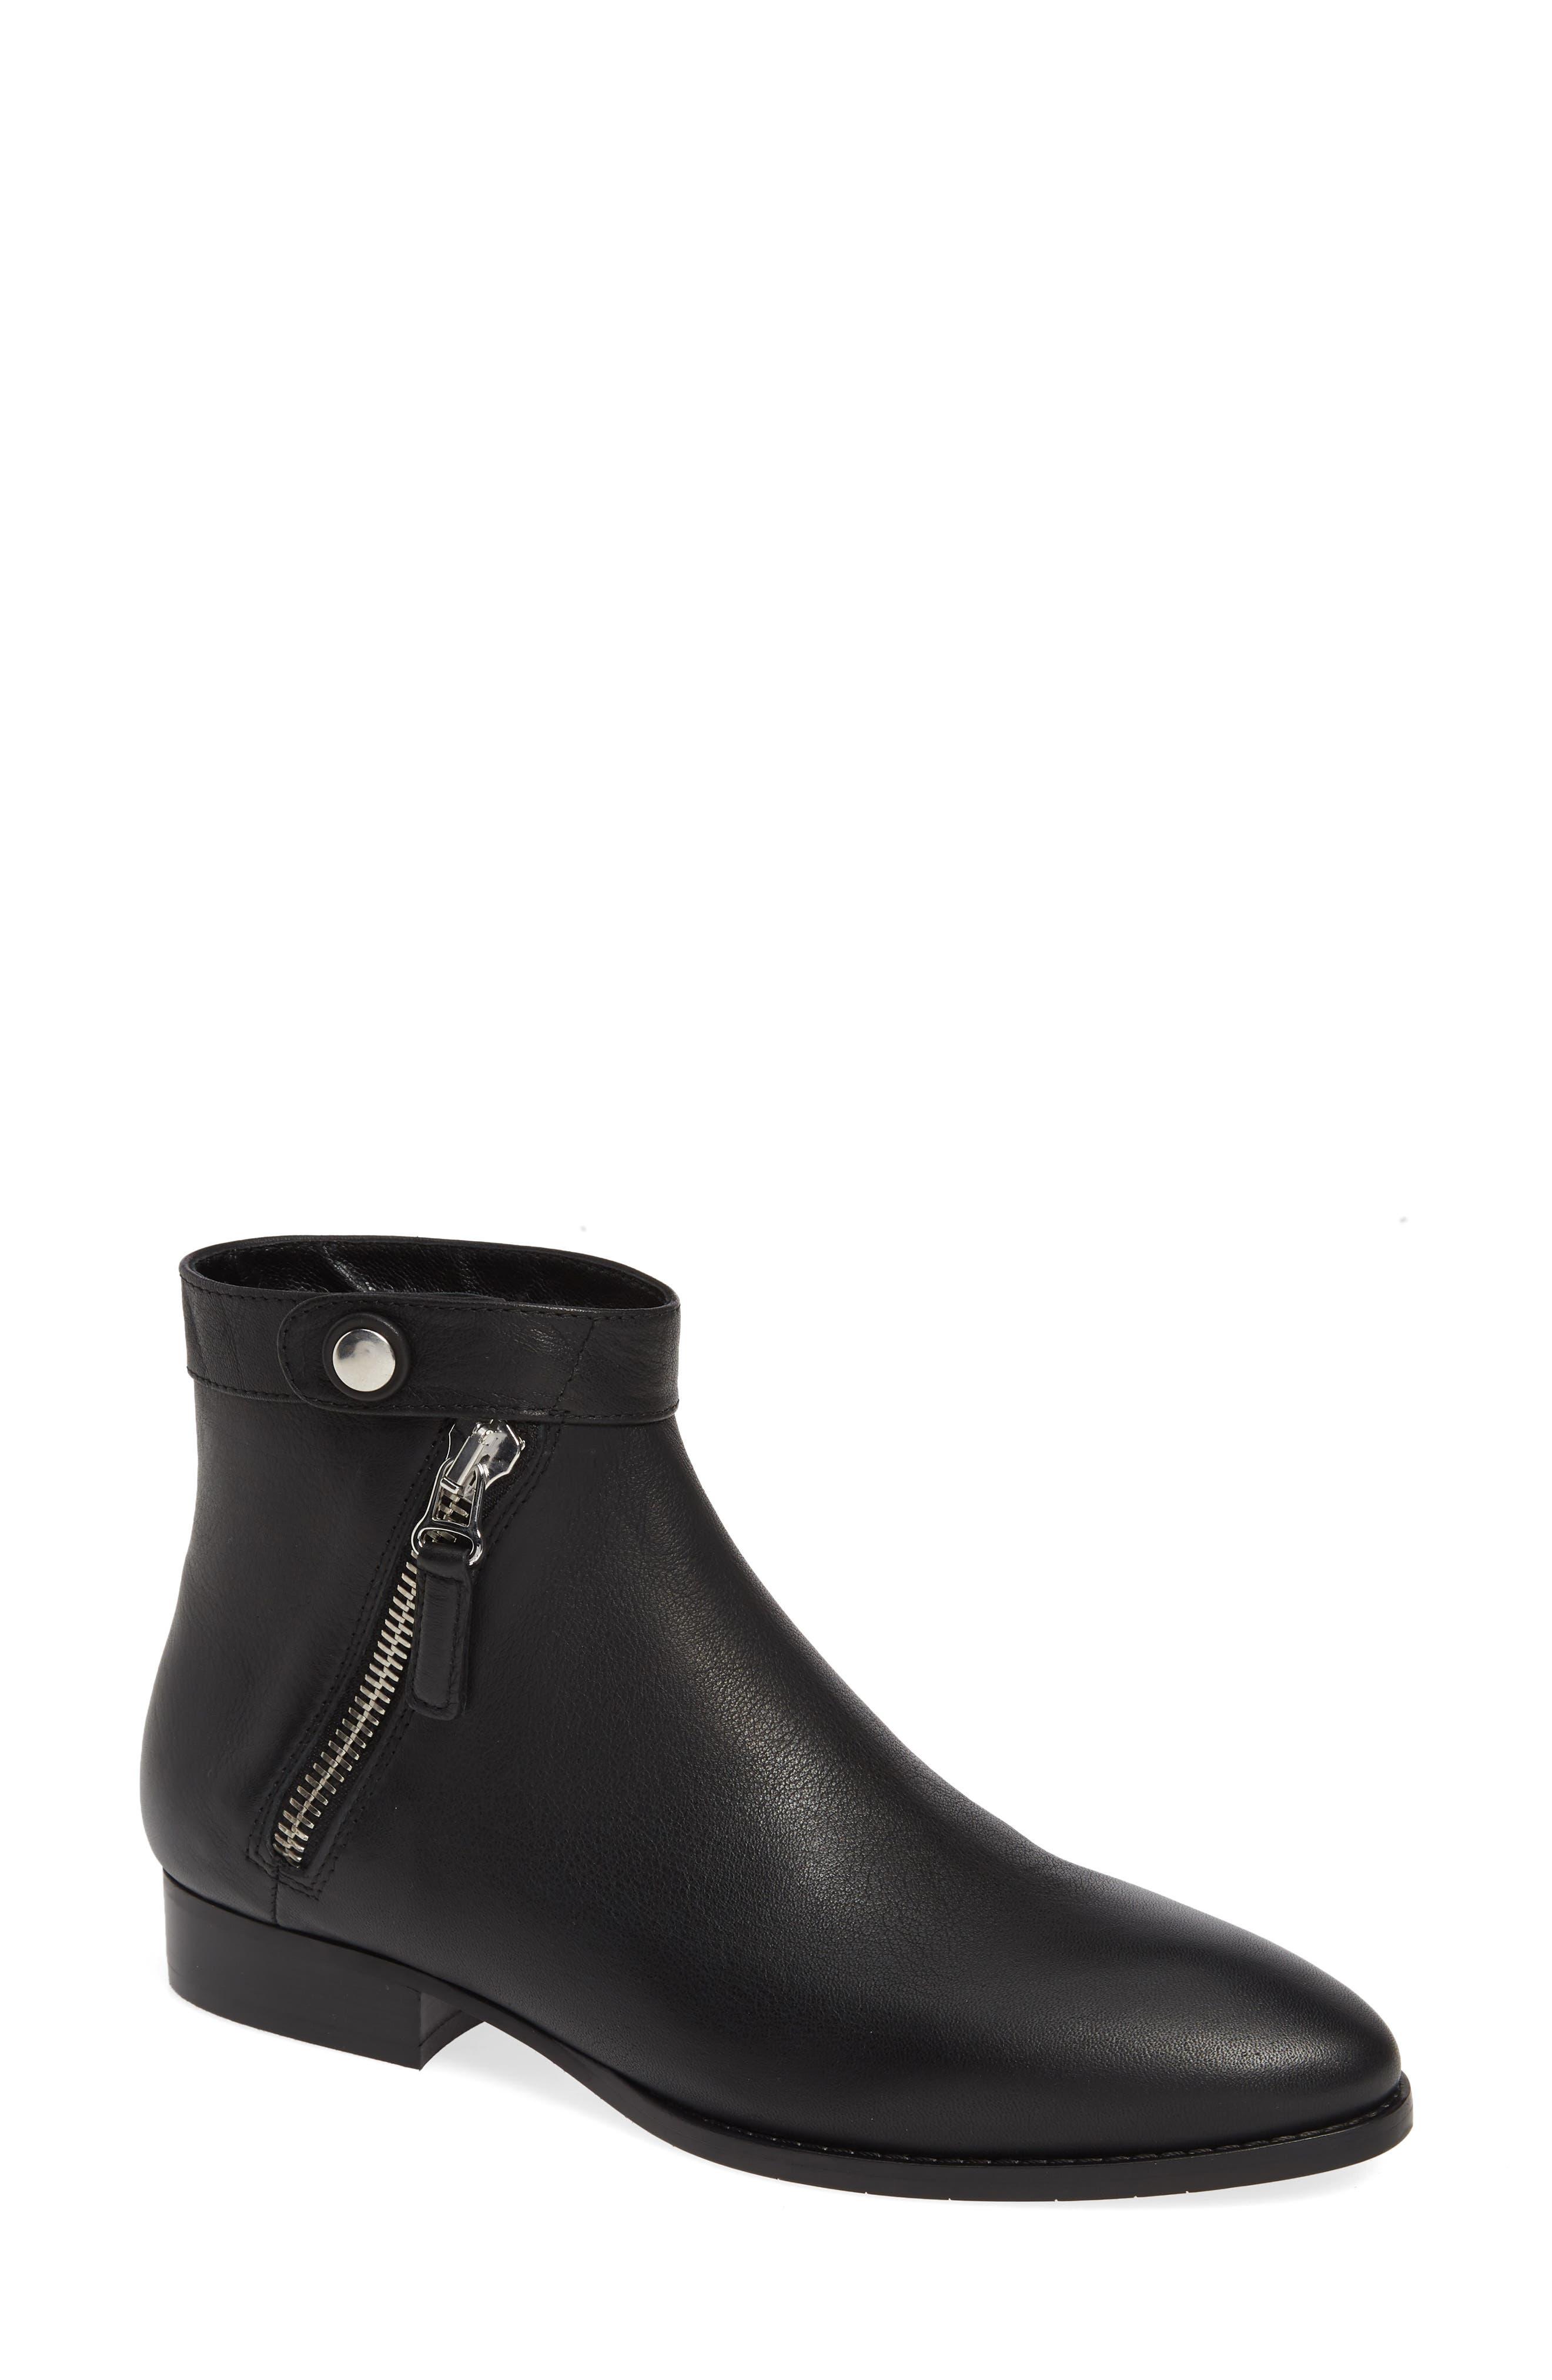 Aquatalia Rose Suede Boot, Black